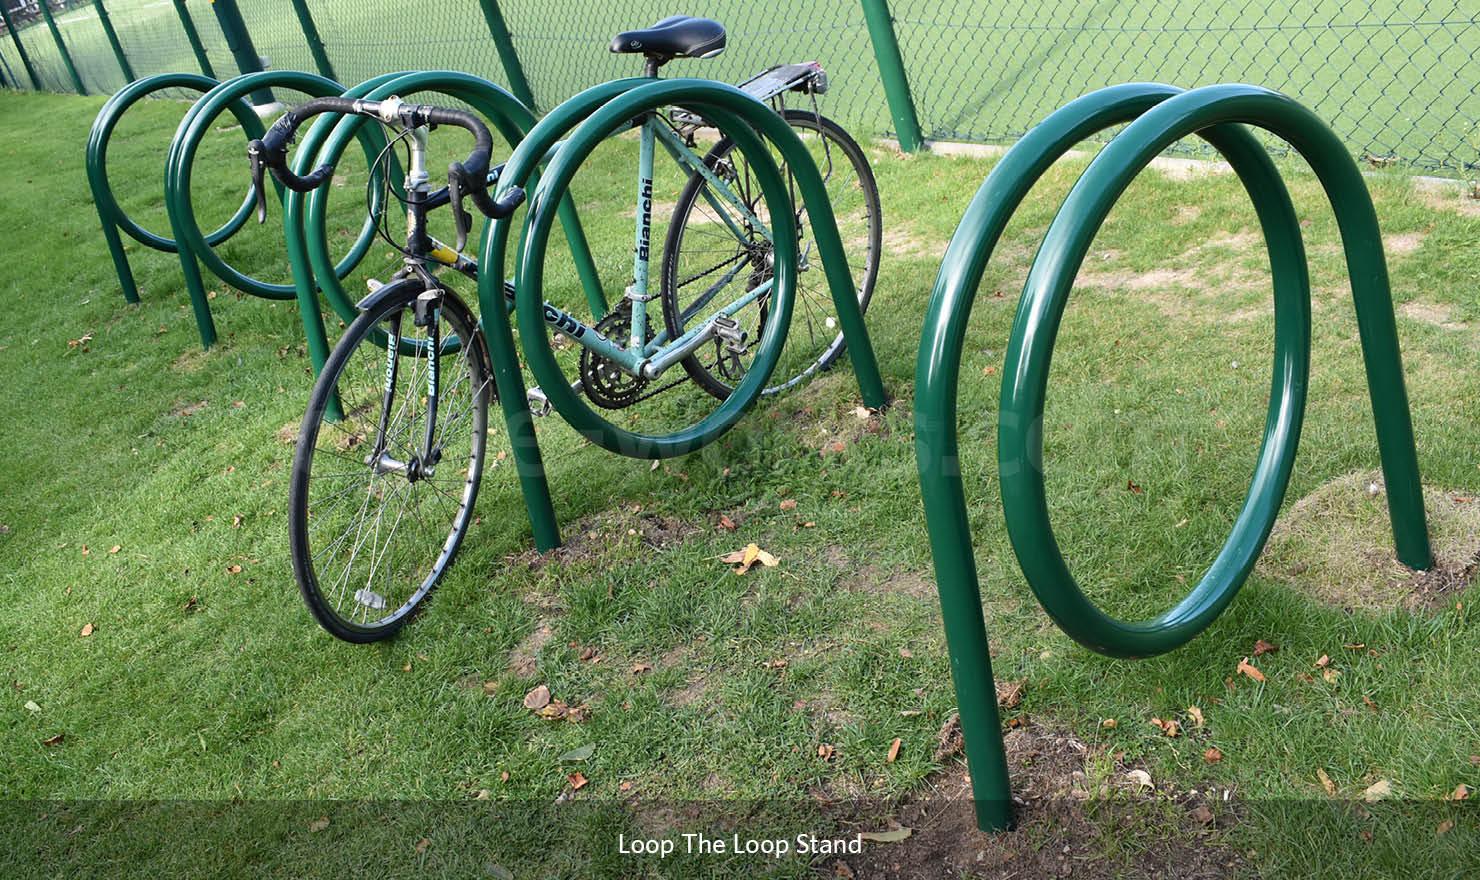 Loop the Loop Bicycle Stand